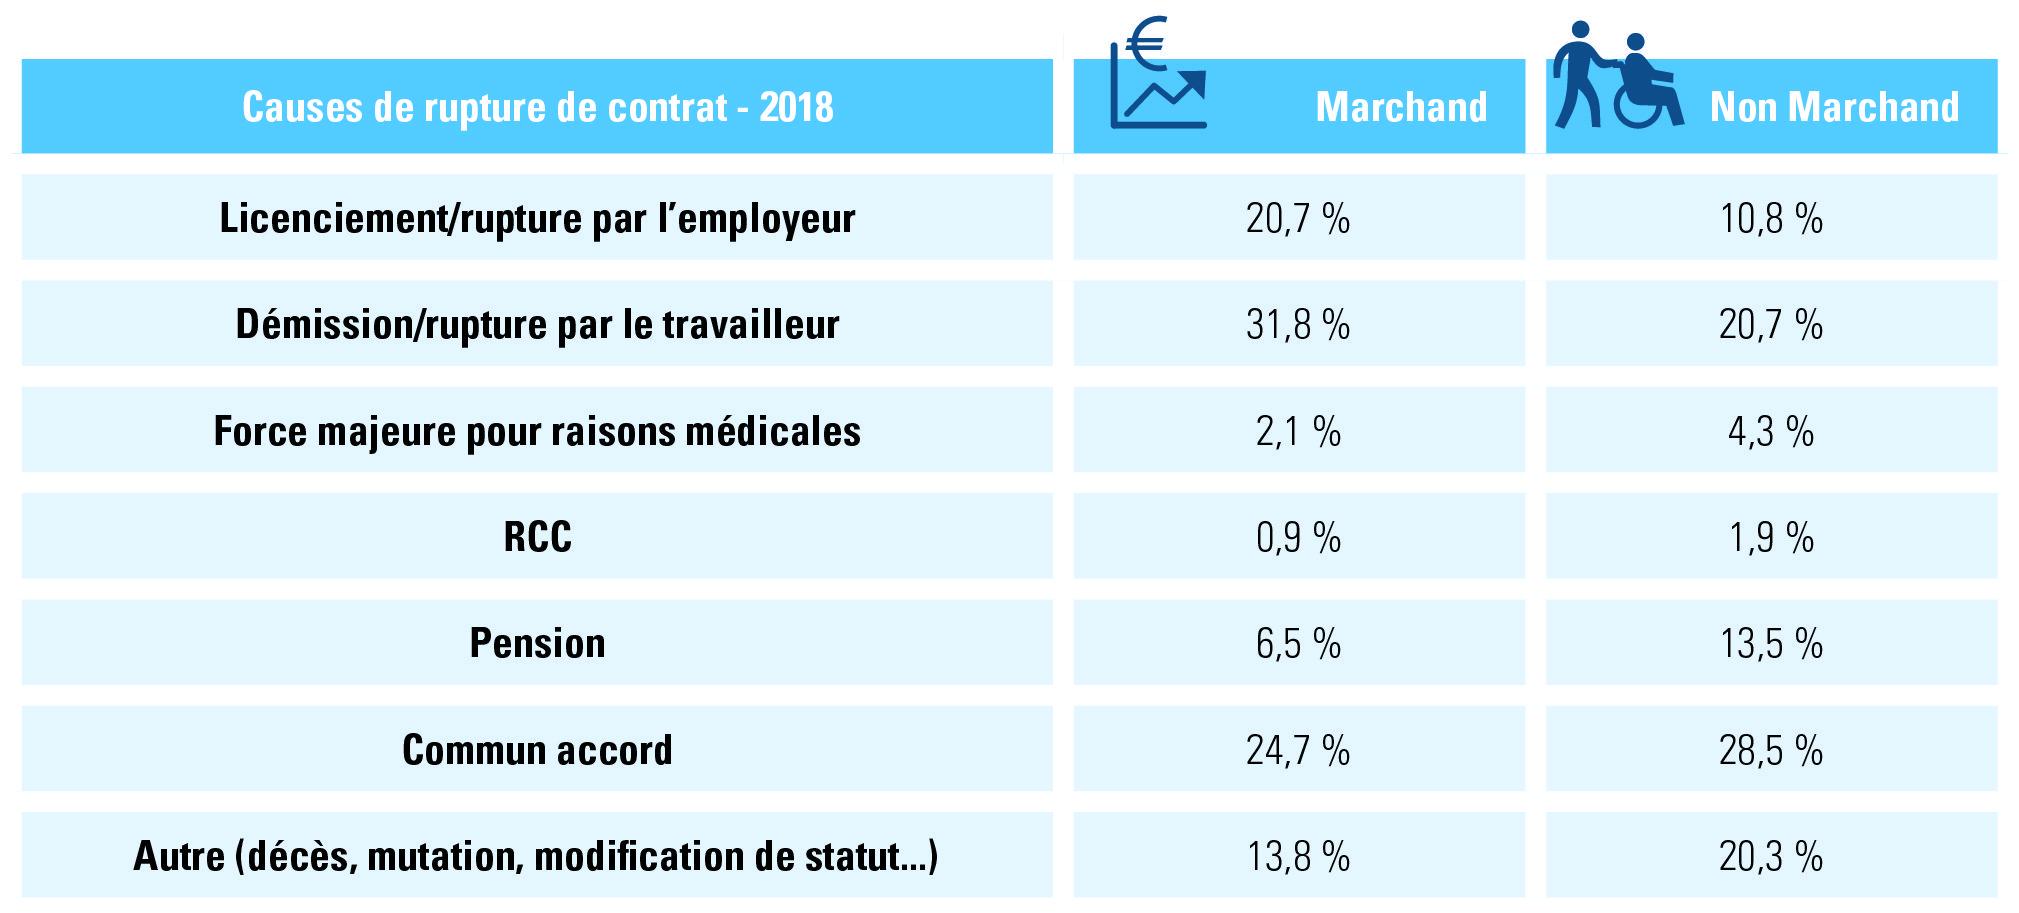 contrat de travail à durée indéterminée2018, raisons de rupture marchand vs non-marchand